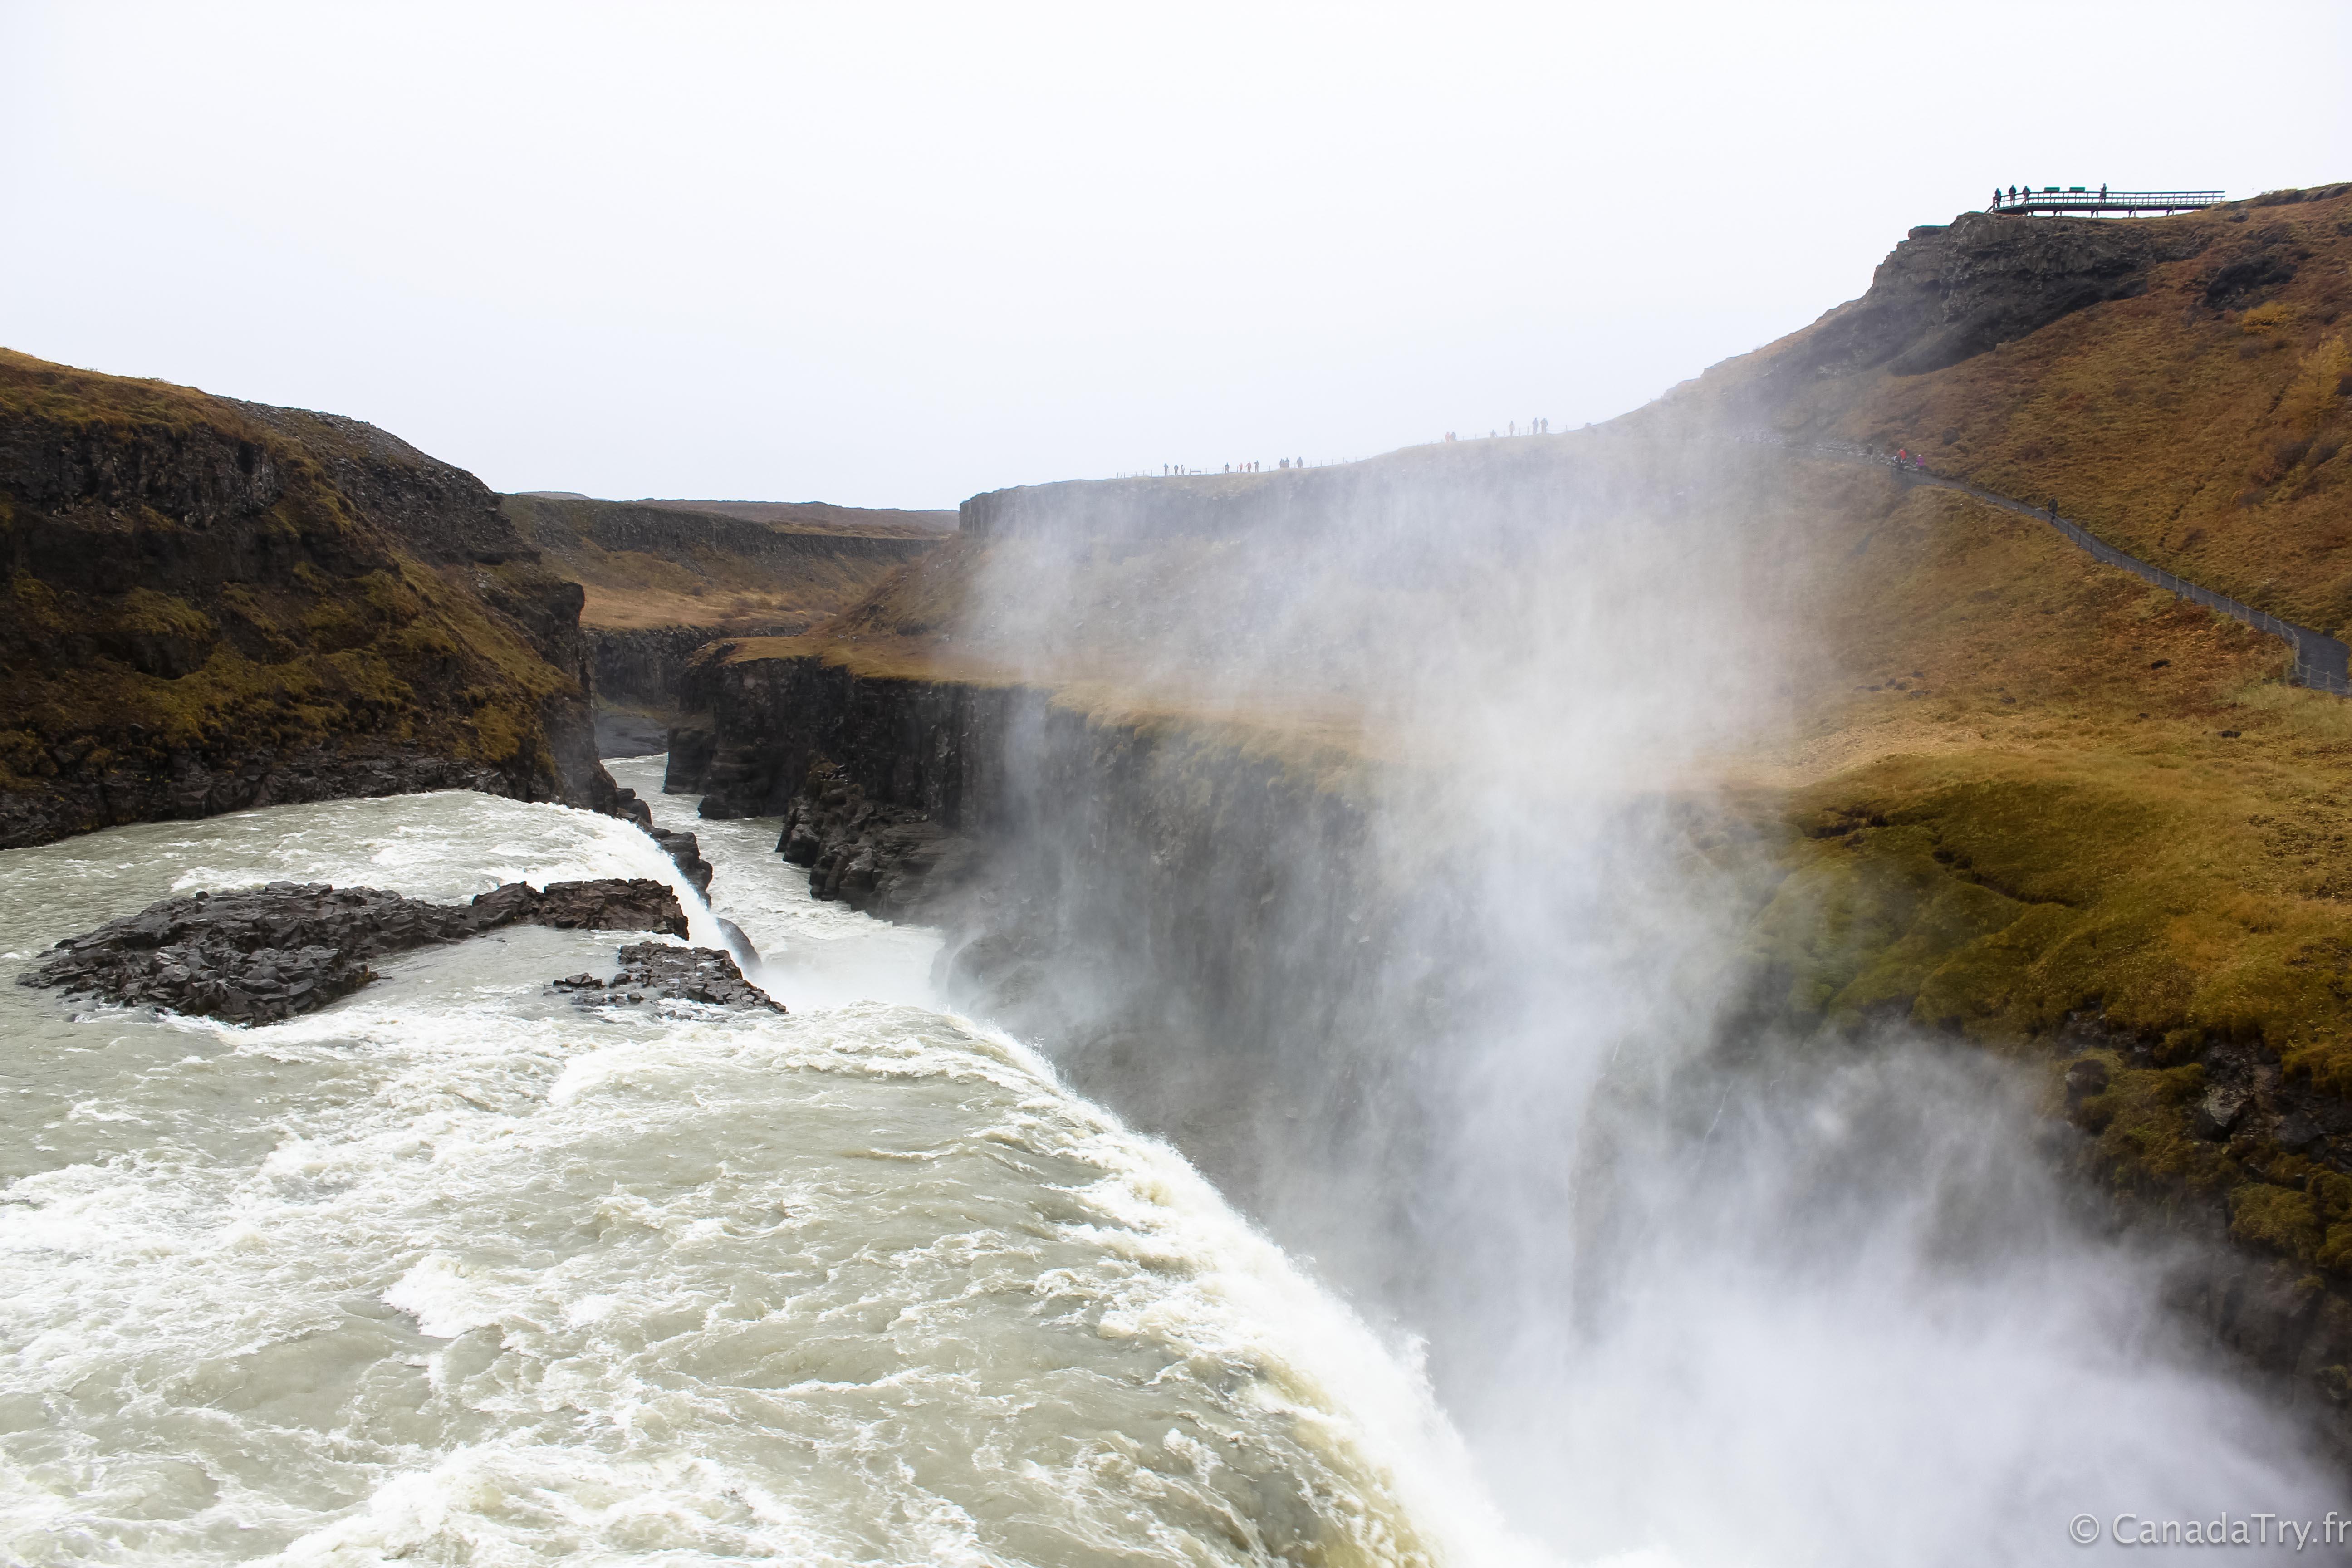 Une semaine en Islande #5 : à la découverte du Cercle d'Or – La chute d'eau de Gullfoss et le cratère de Kerið